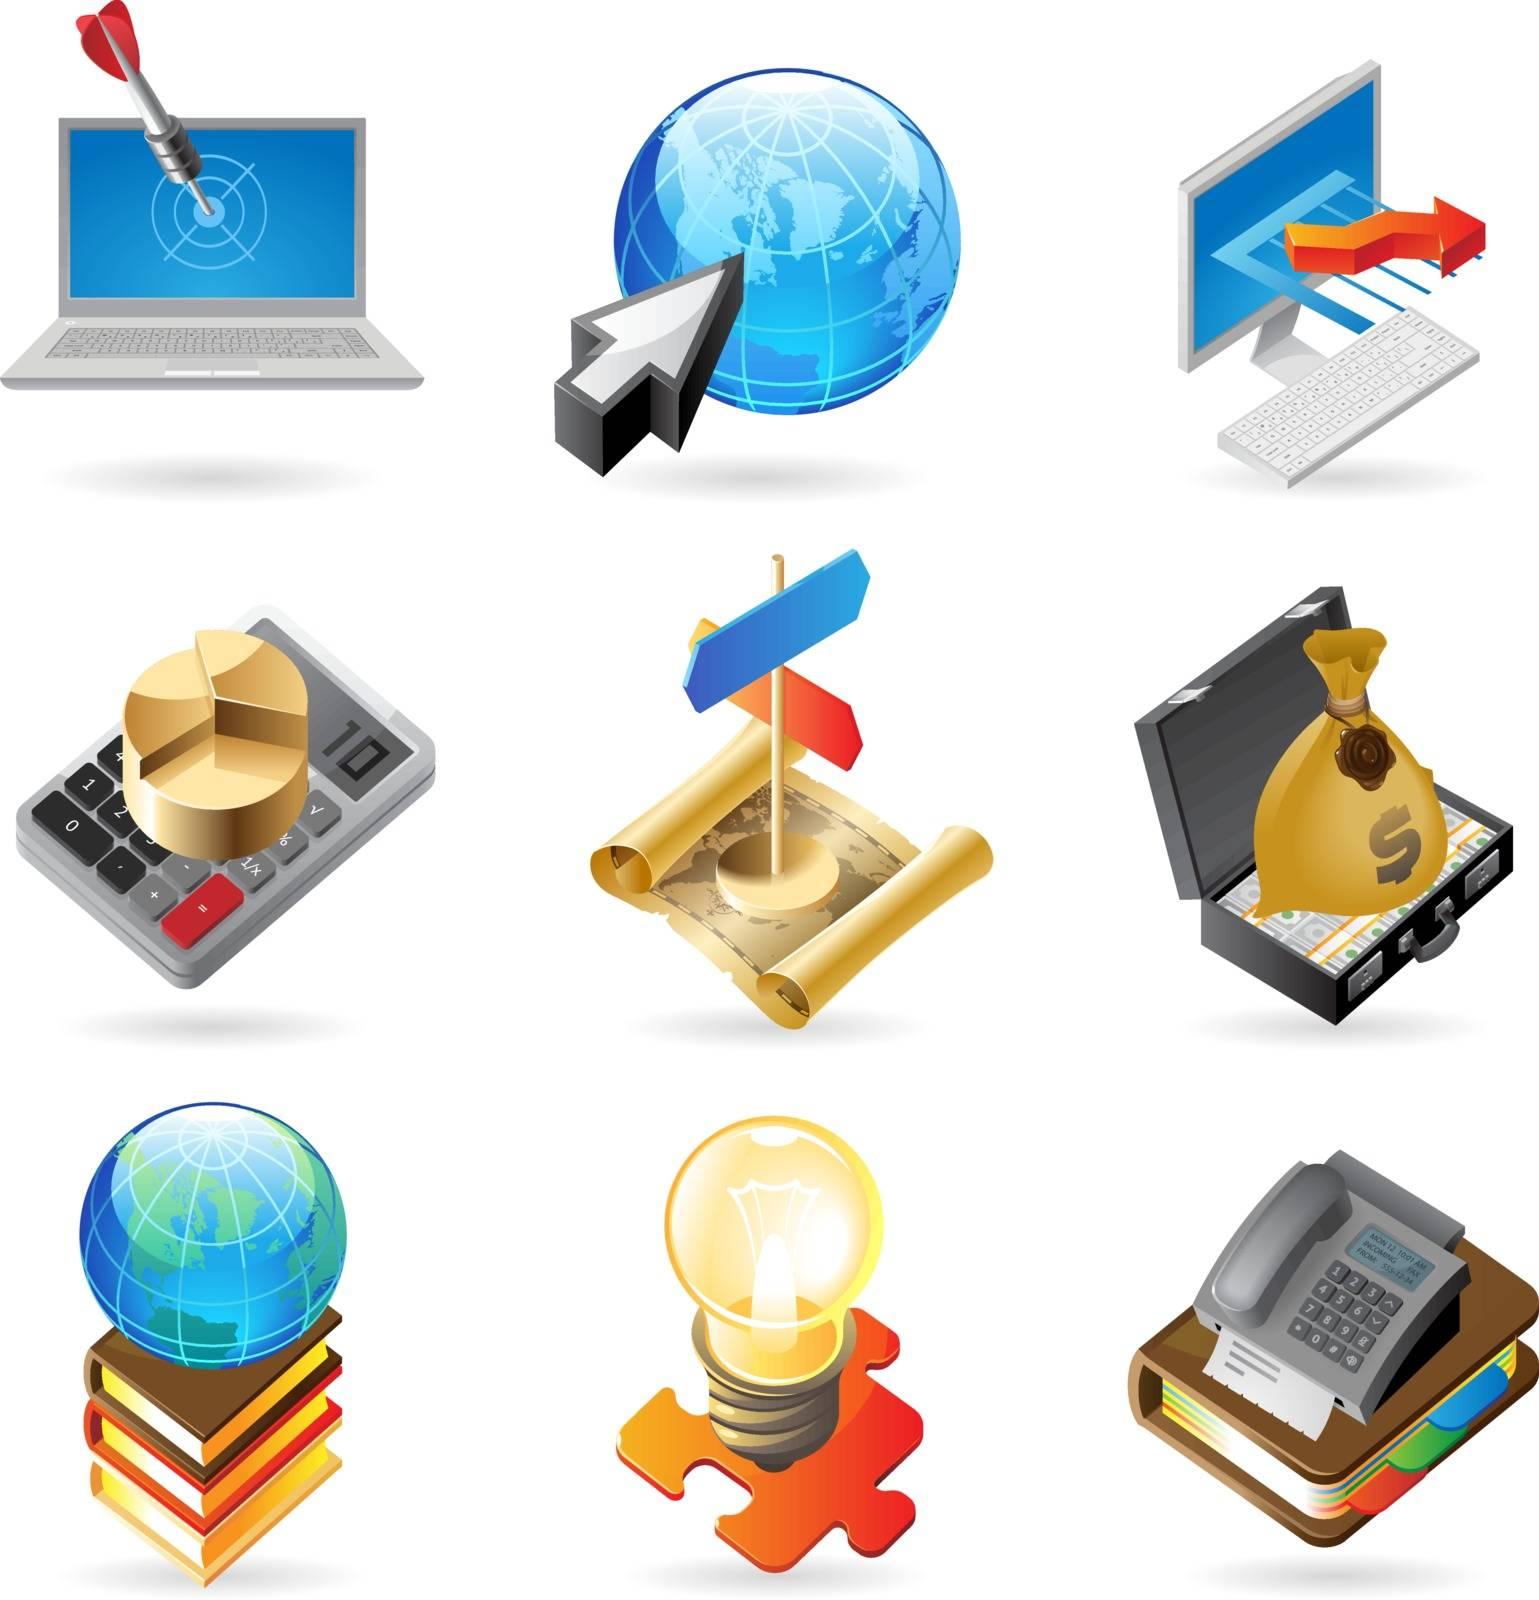 Icon concepts for success by ildogesto